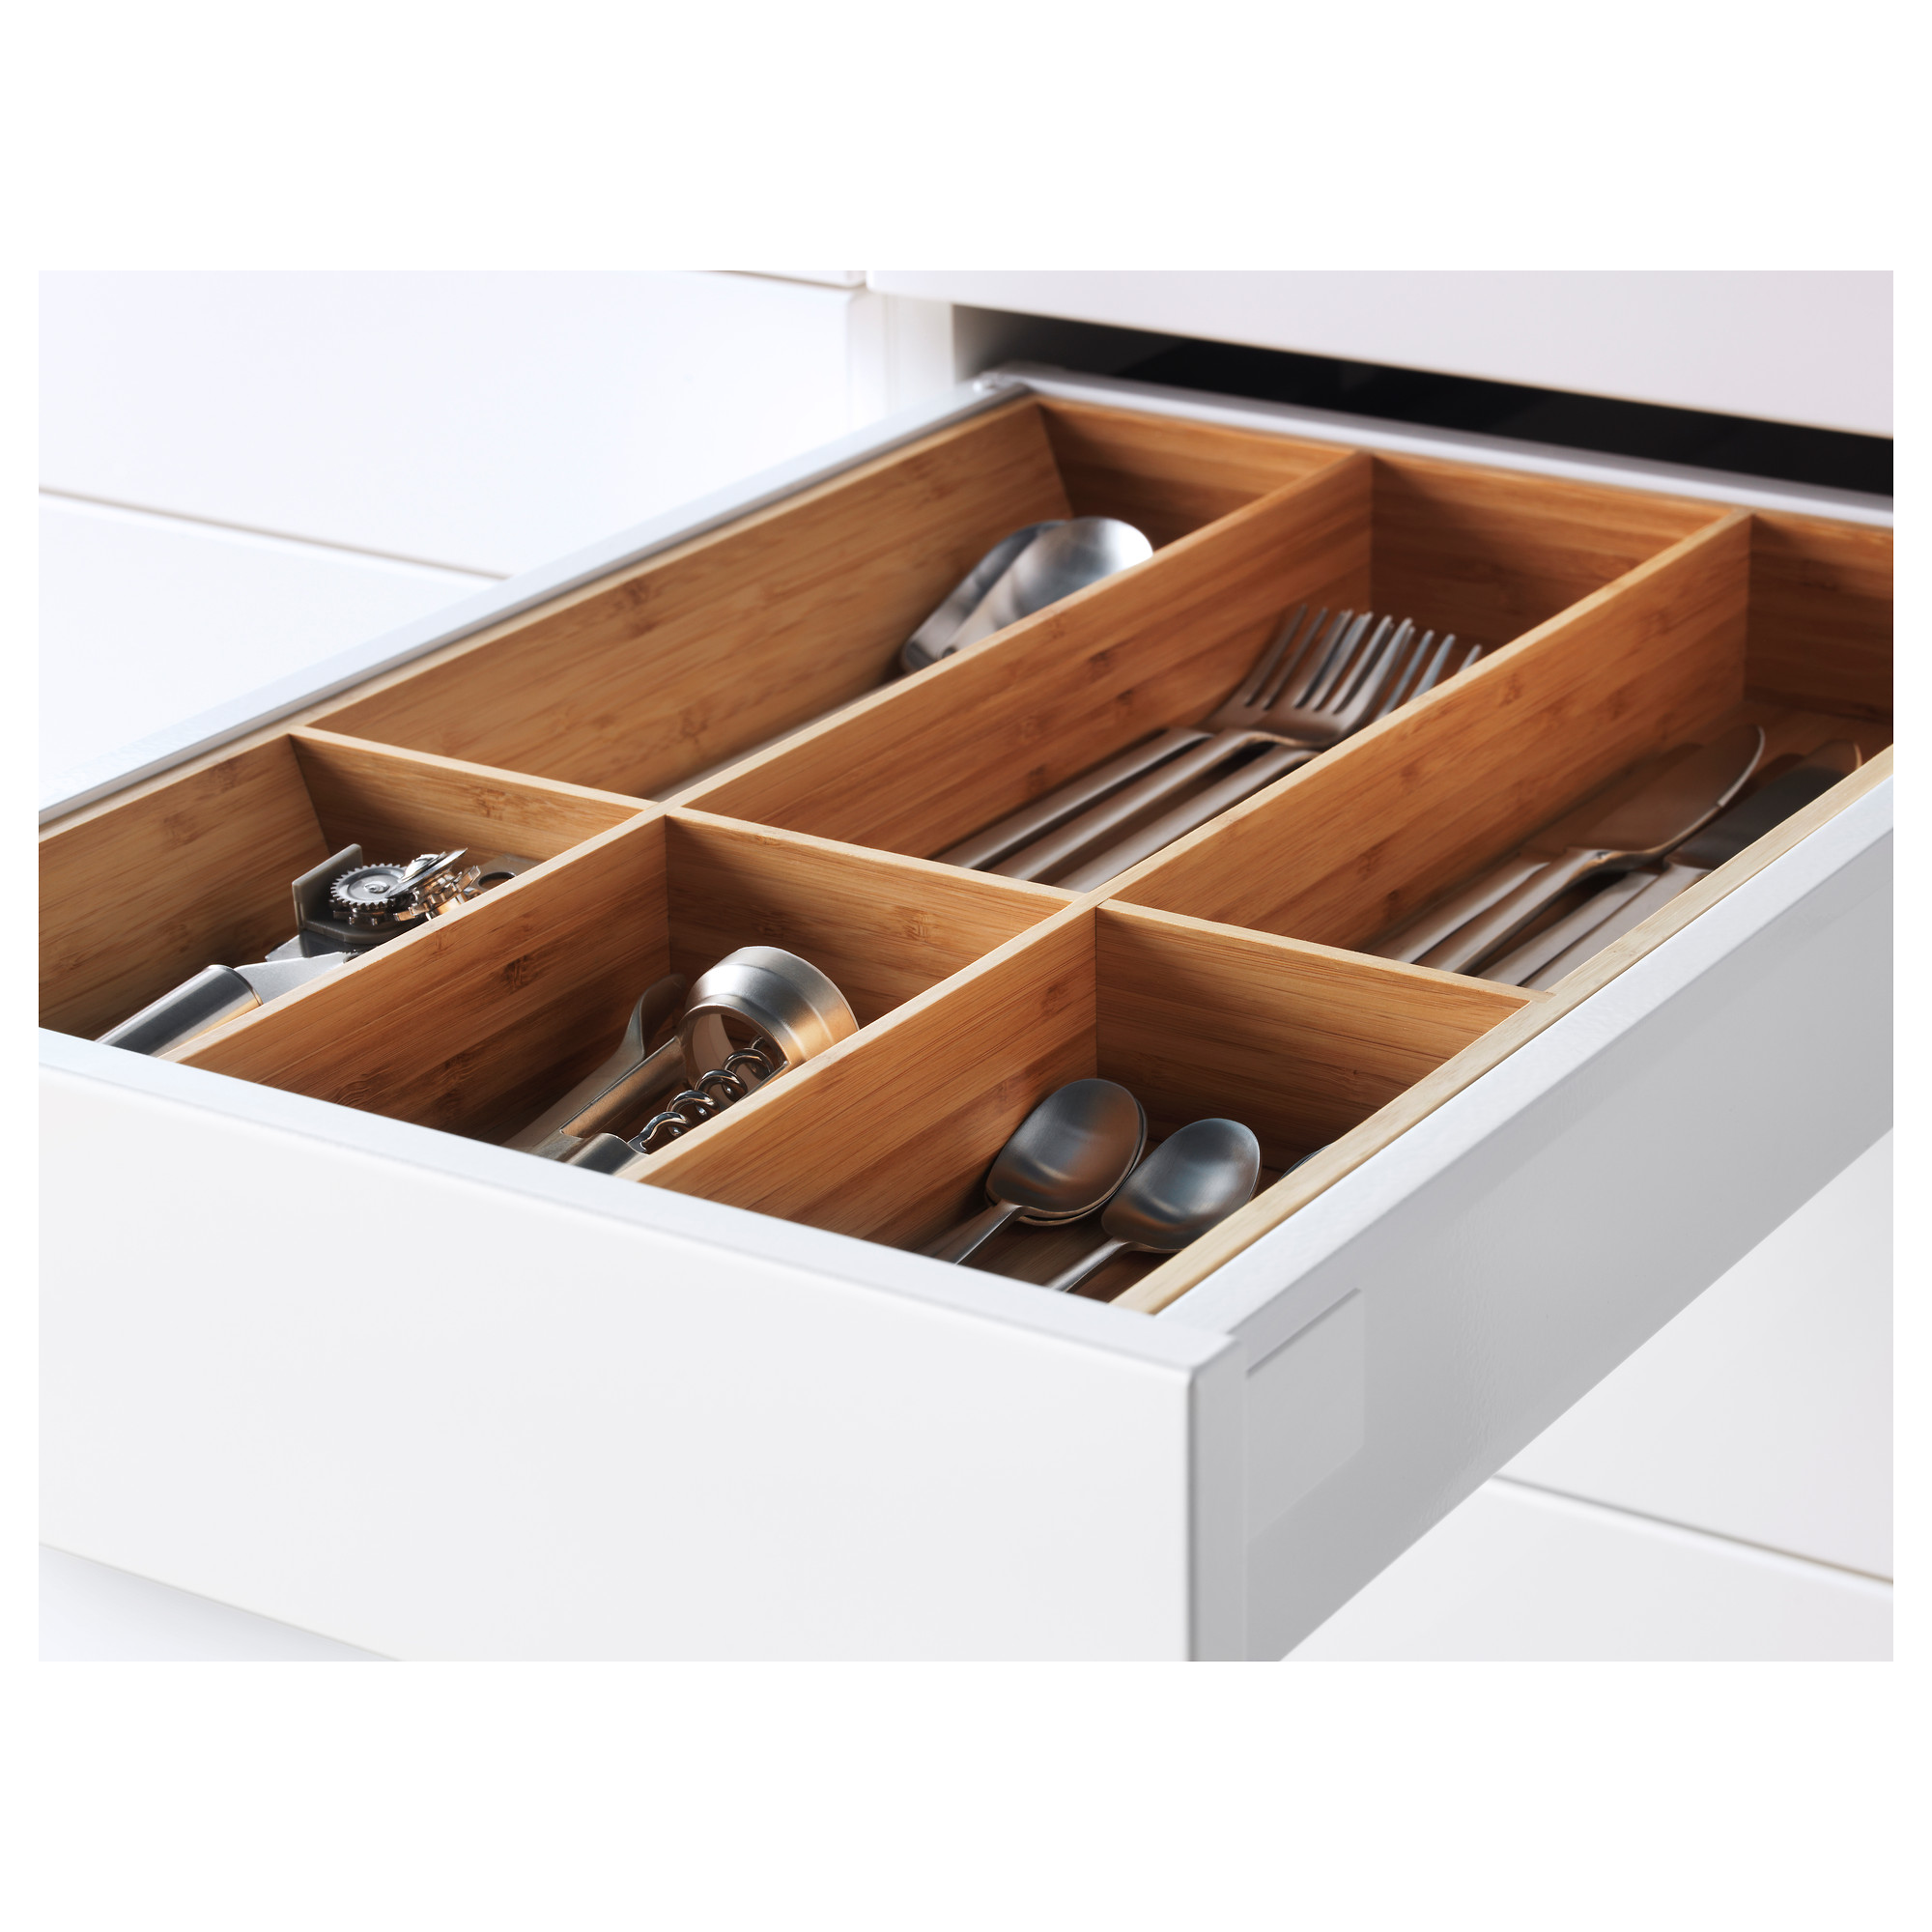 Высокий шкаф + полки, 5 ящиков, 2 дверцы, 2 фронтальных МЕТОД / МАКСИМЕРА серый артикуль № 392.328.72 в наличии. Интернет сайт IKEA РБ. Недорогая доставка и соборка.